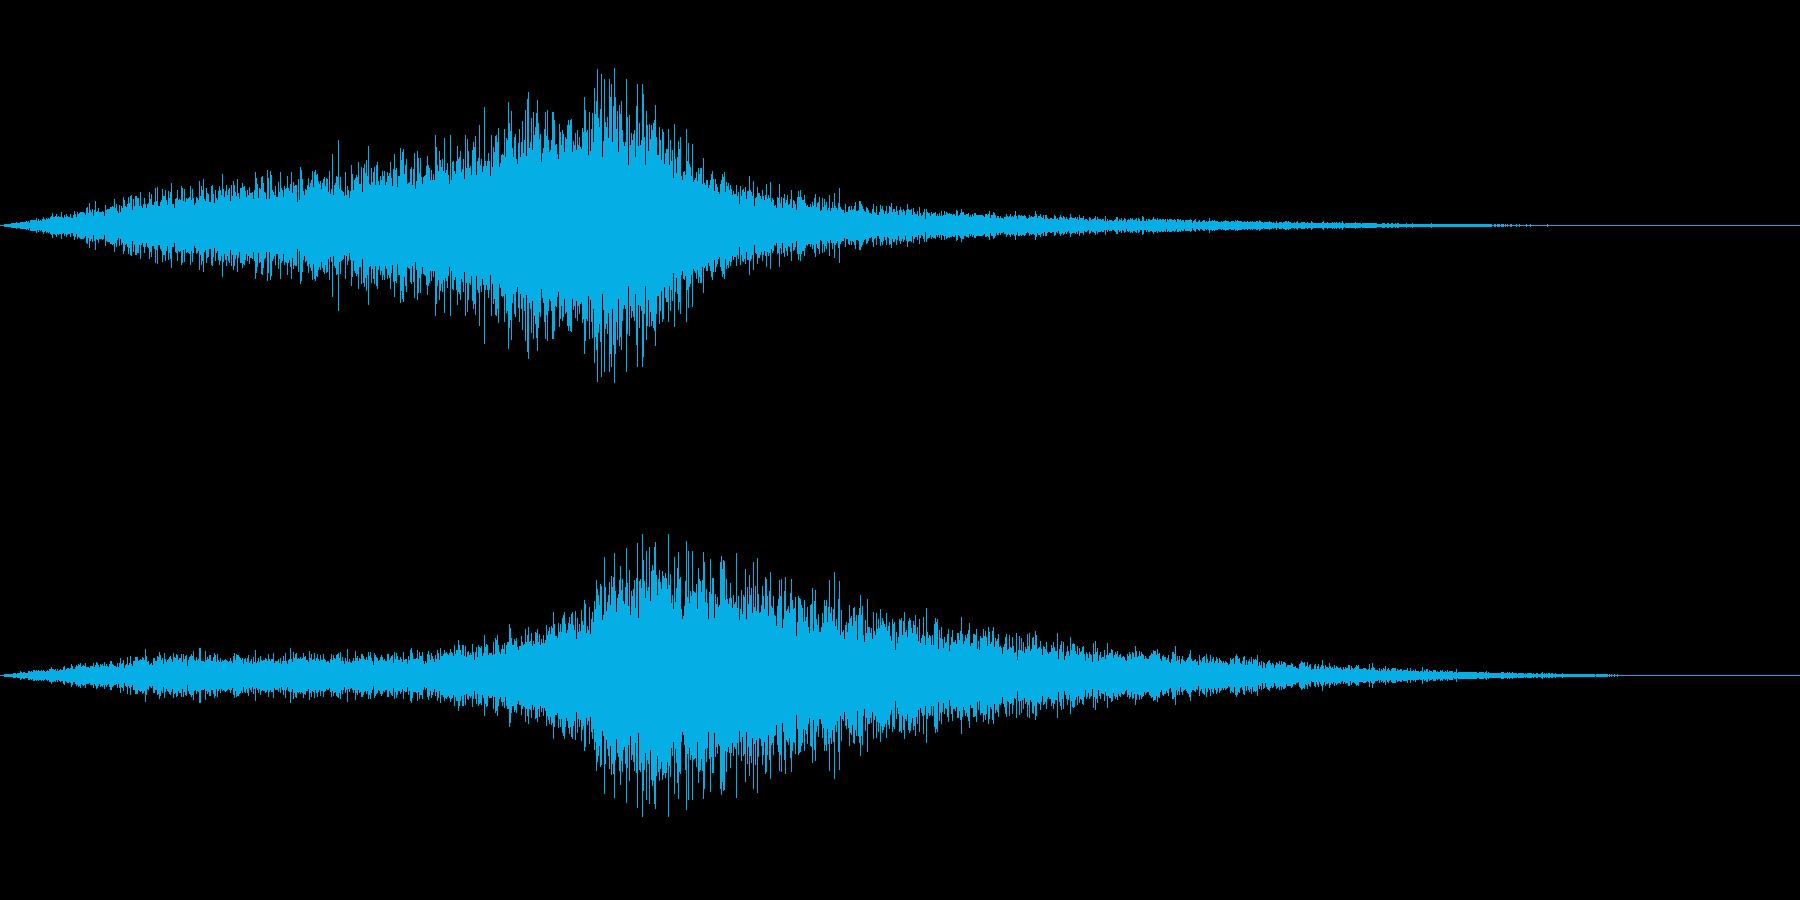 【生録音】 早朝の街 交通 環境音 5の再生済みの波形